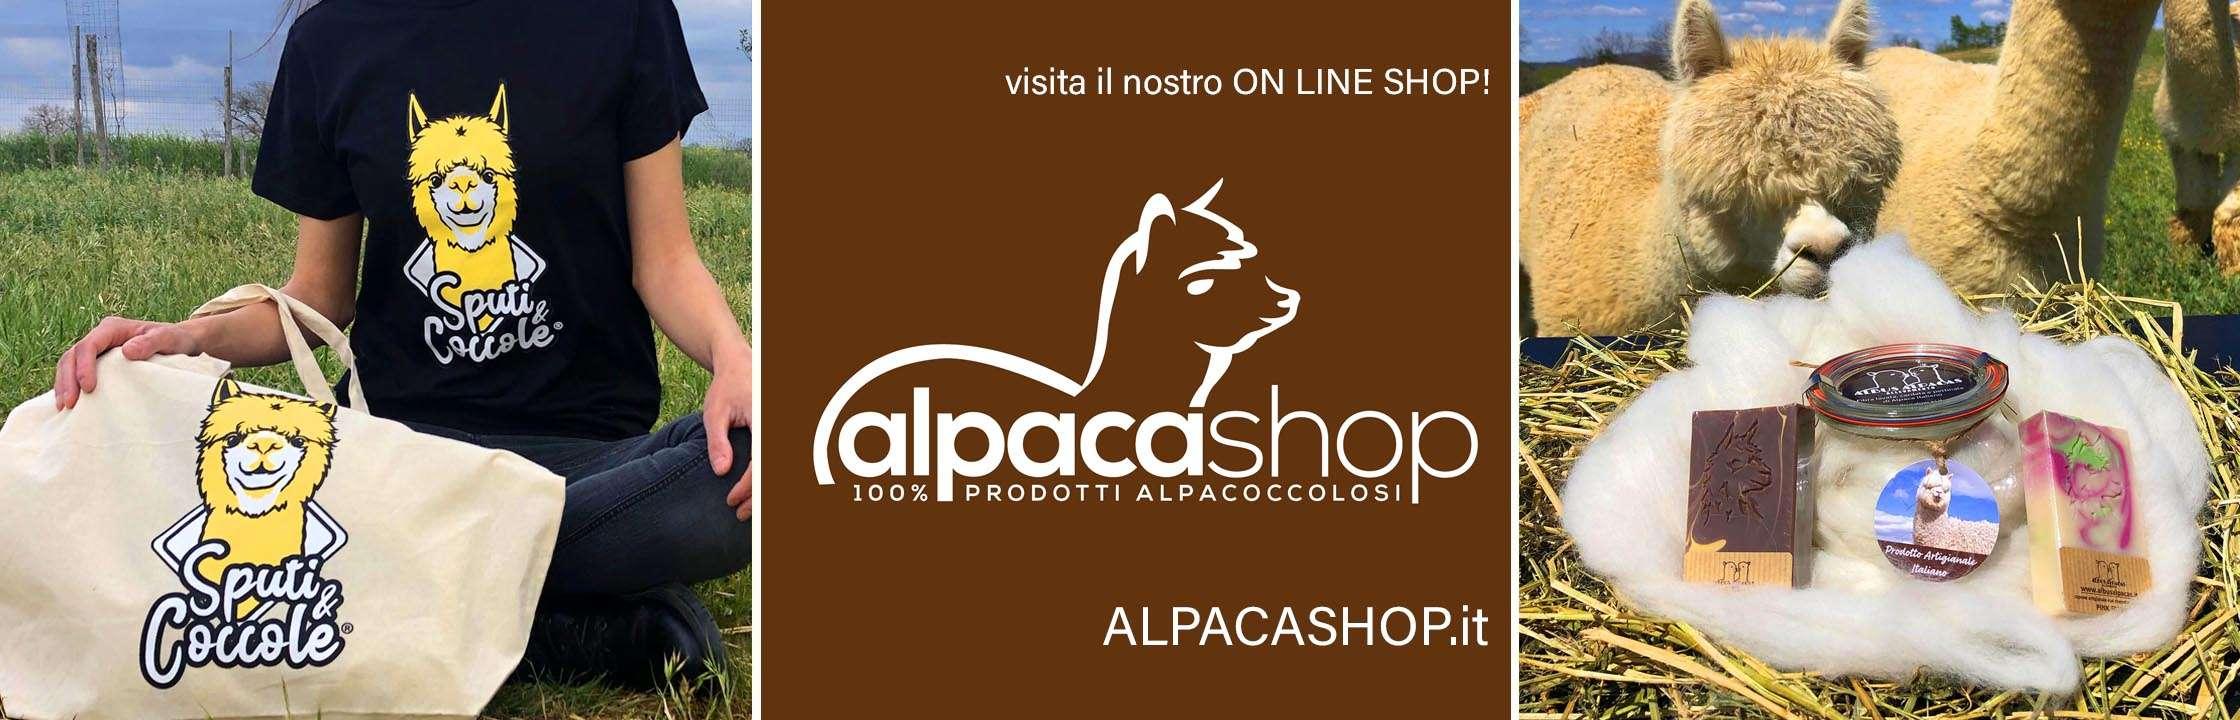 alpaca shop prodotti alpaca